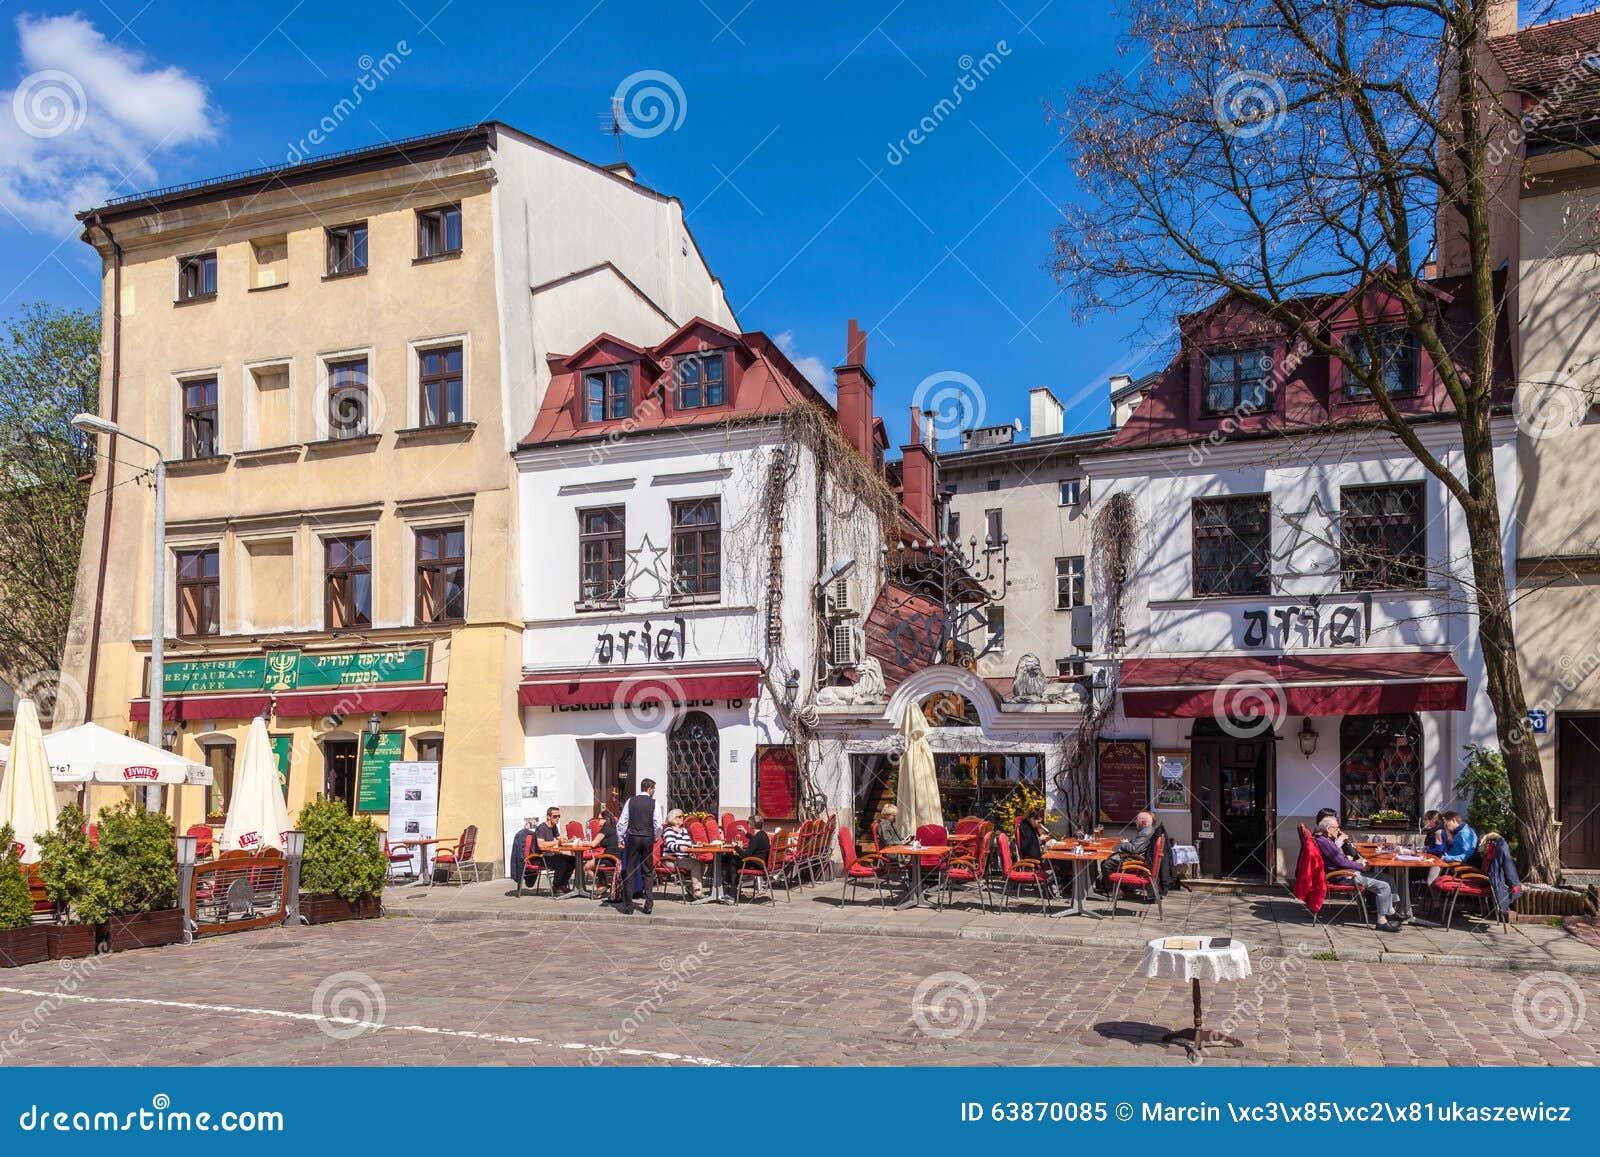 Krakow Poland Szeroka ulica, żydowski gromadzki Kazimierz